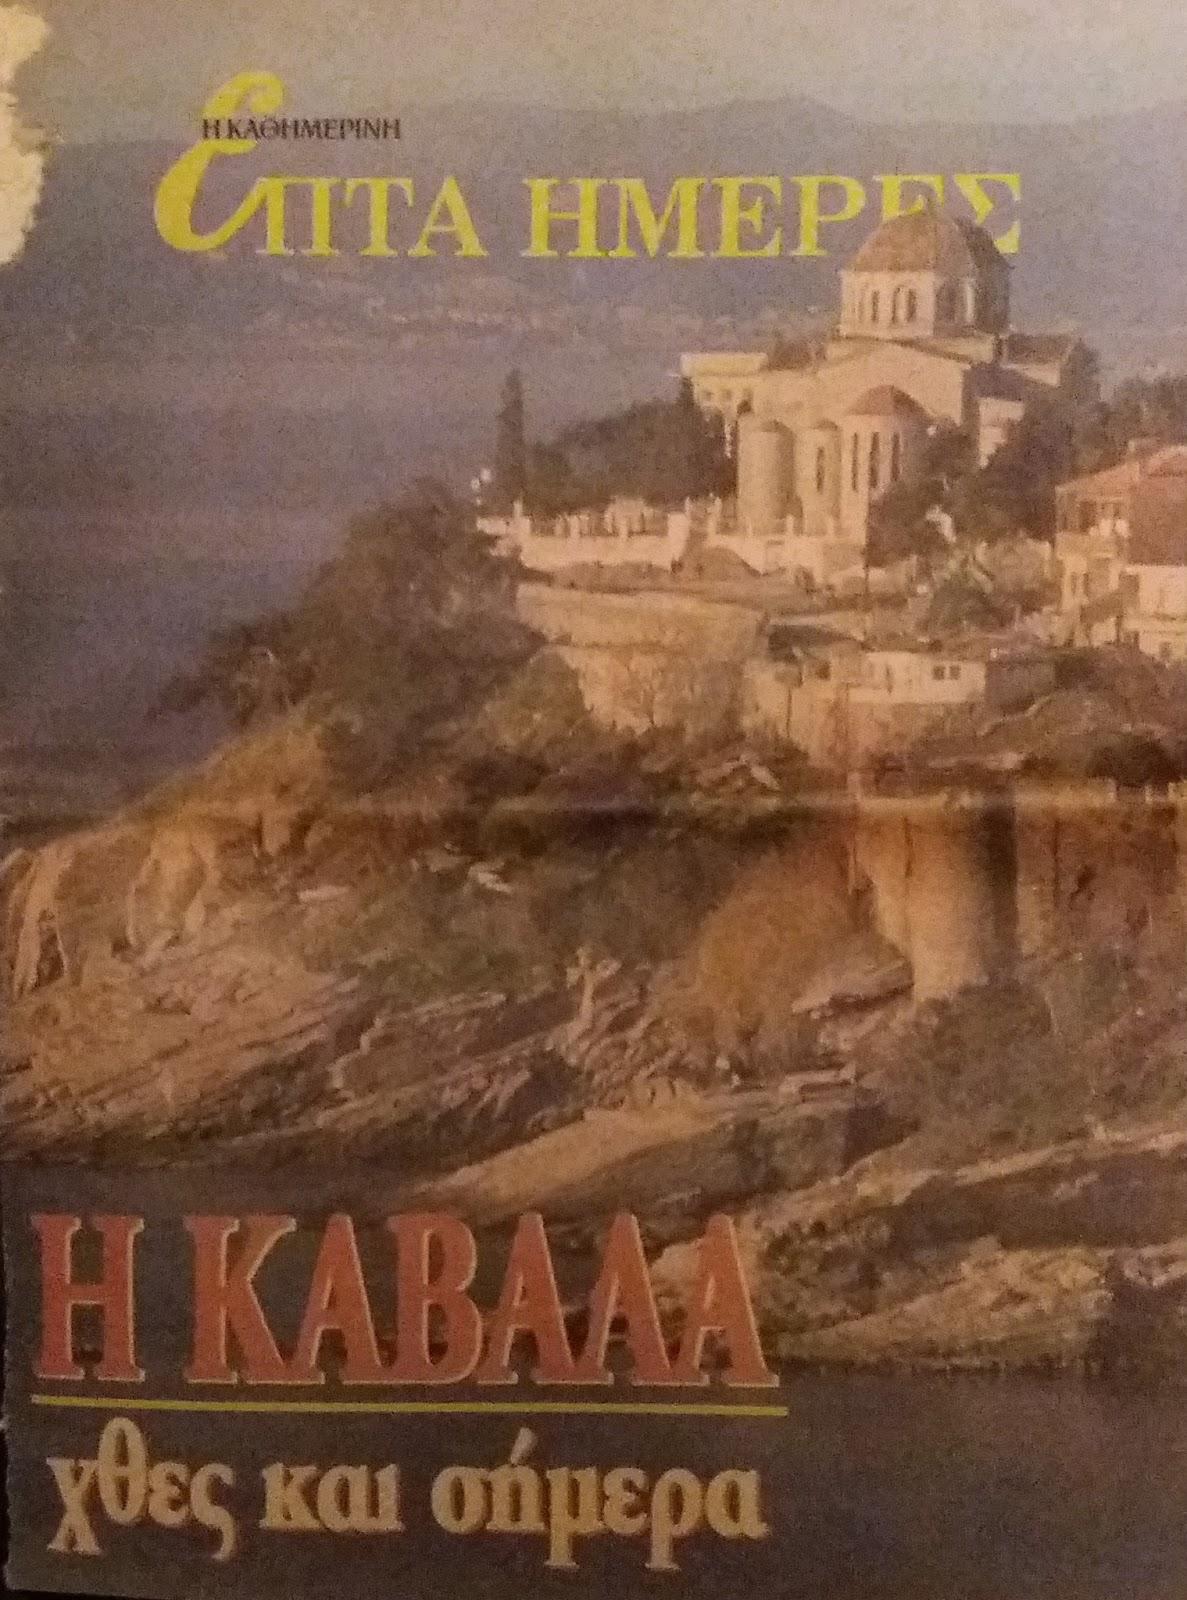 Τα ξένα Προξενεία στην τουρκοκρατούμενη Καβάλα, Επτά Ημέρες - Καθημερινή, 27-6-1993